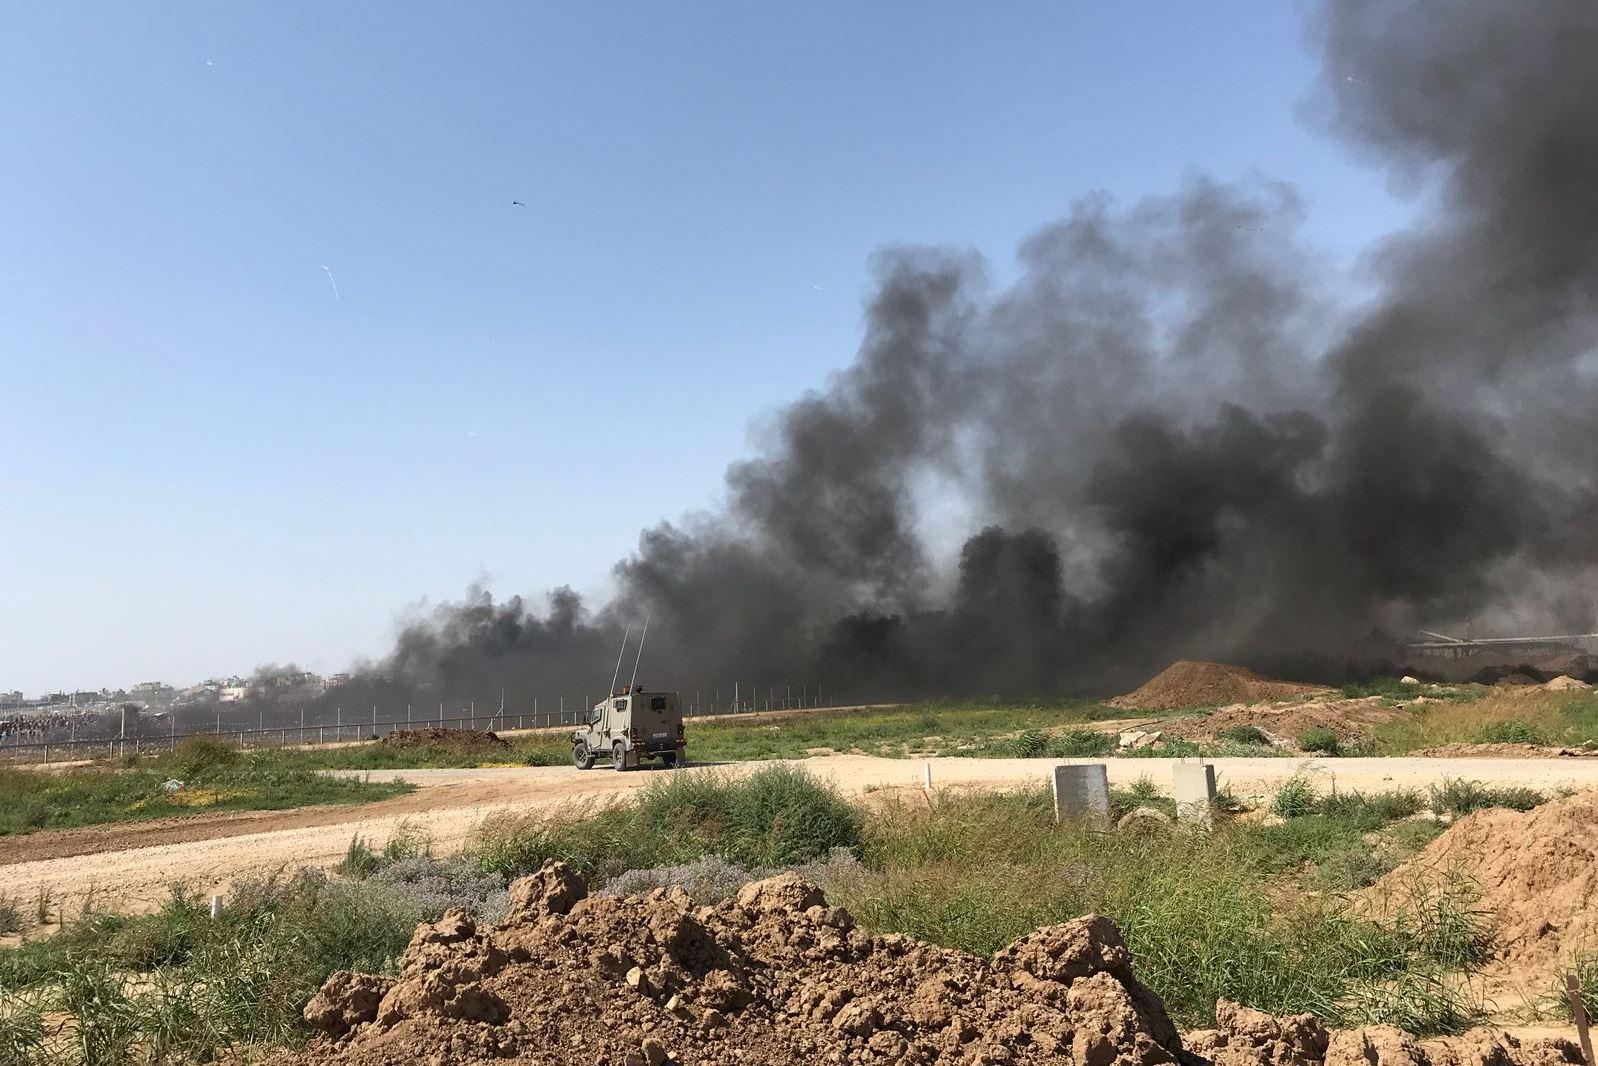 בחסות ההתפרעויות בגבול עזה: מחבלים השליכו רימון ומטען צינור לעבר כוחותינו ושיגרו עפיפון נפץ